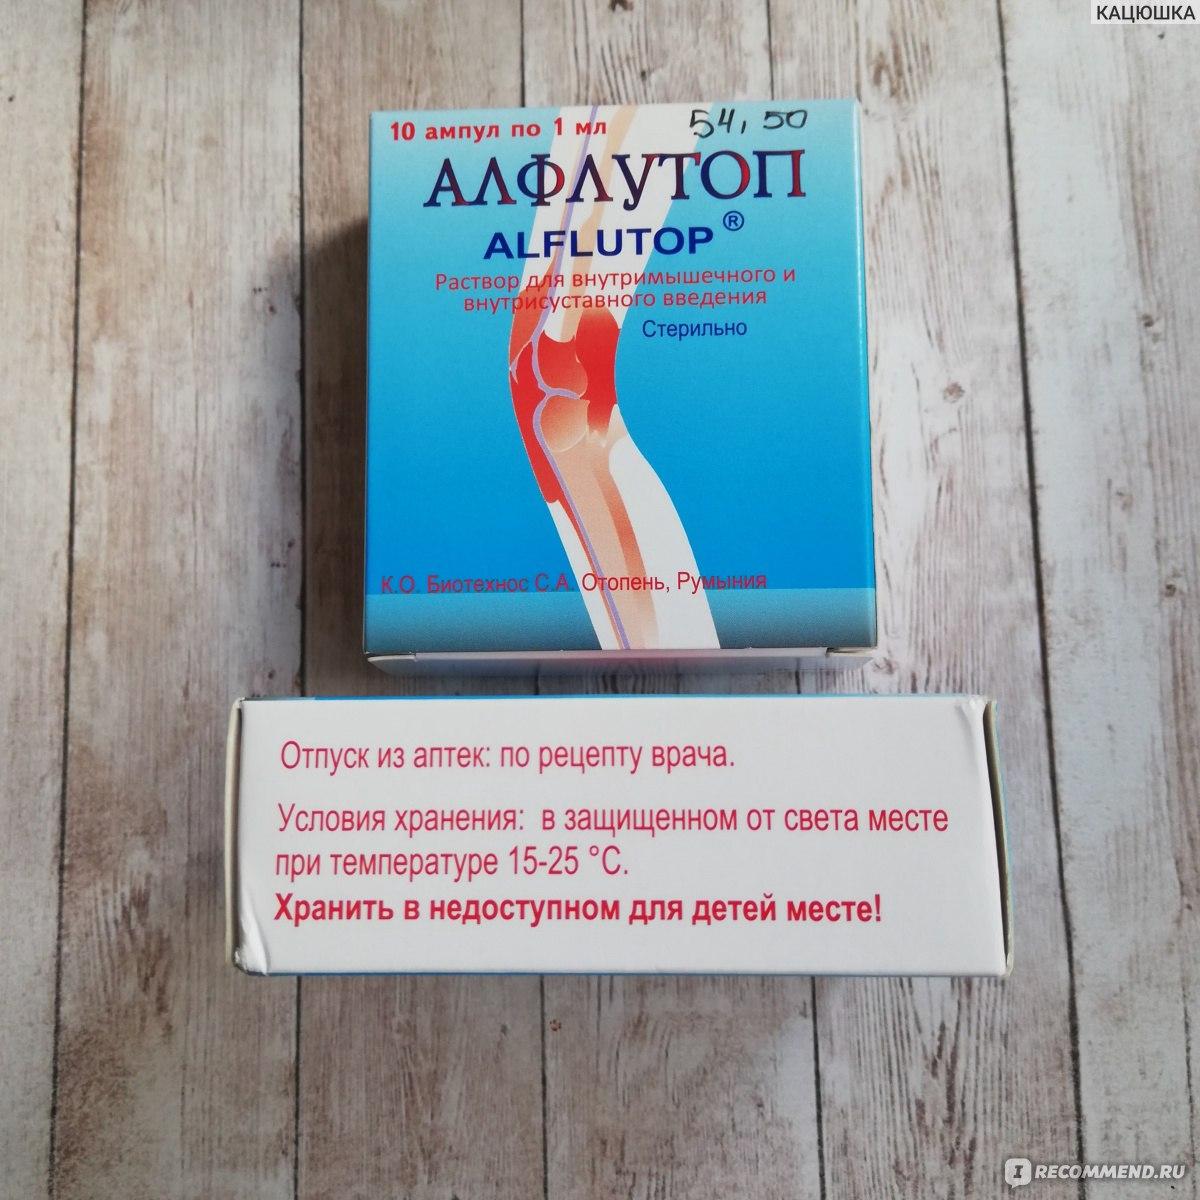 Алфлутоп при простатите лекарство от простатита на основе трав